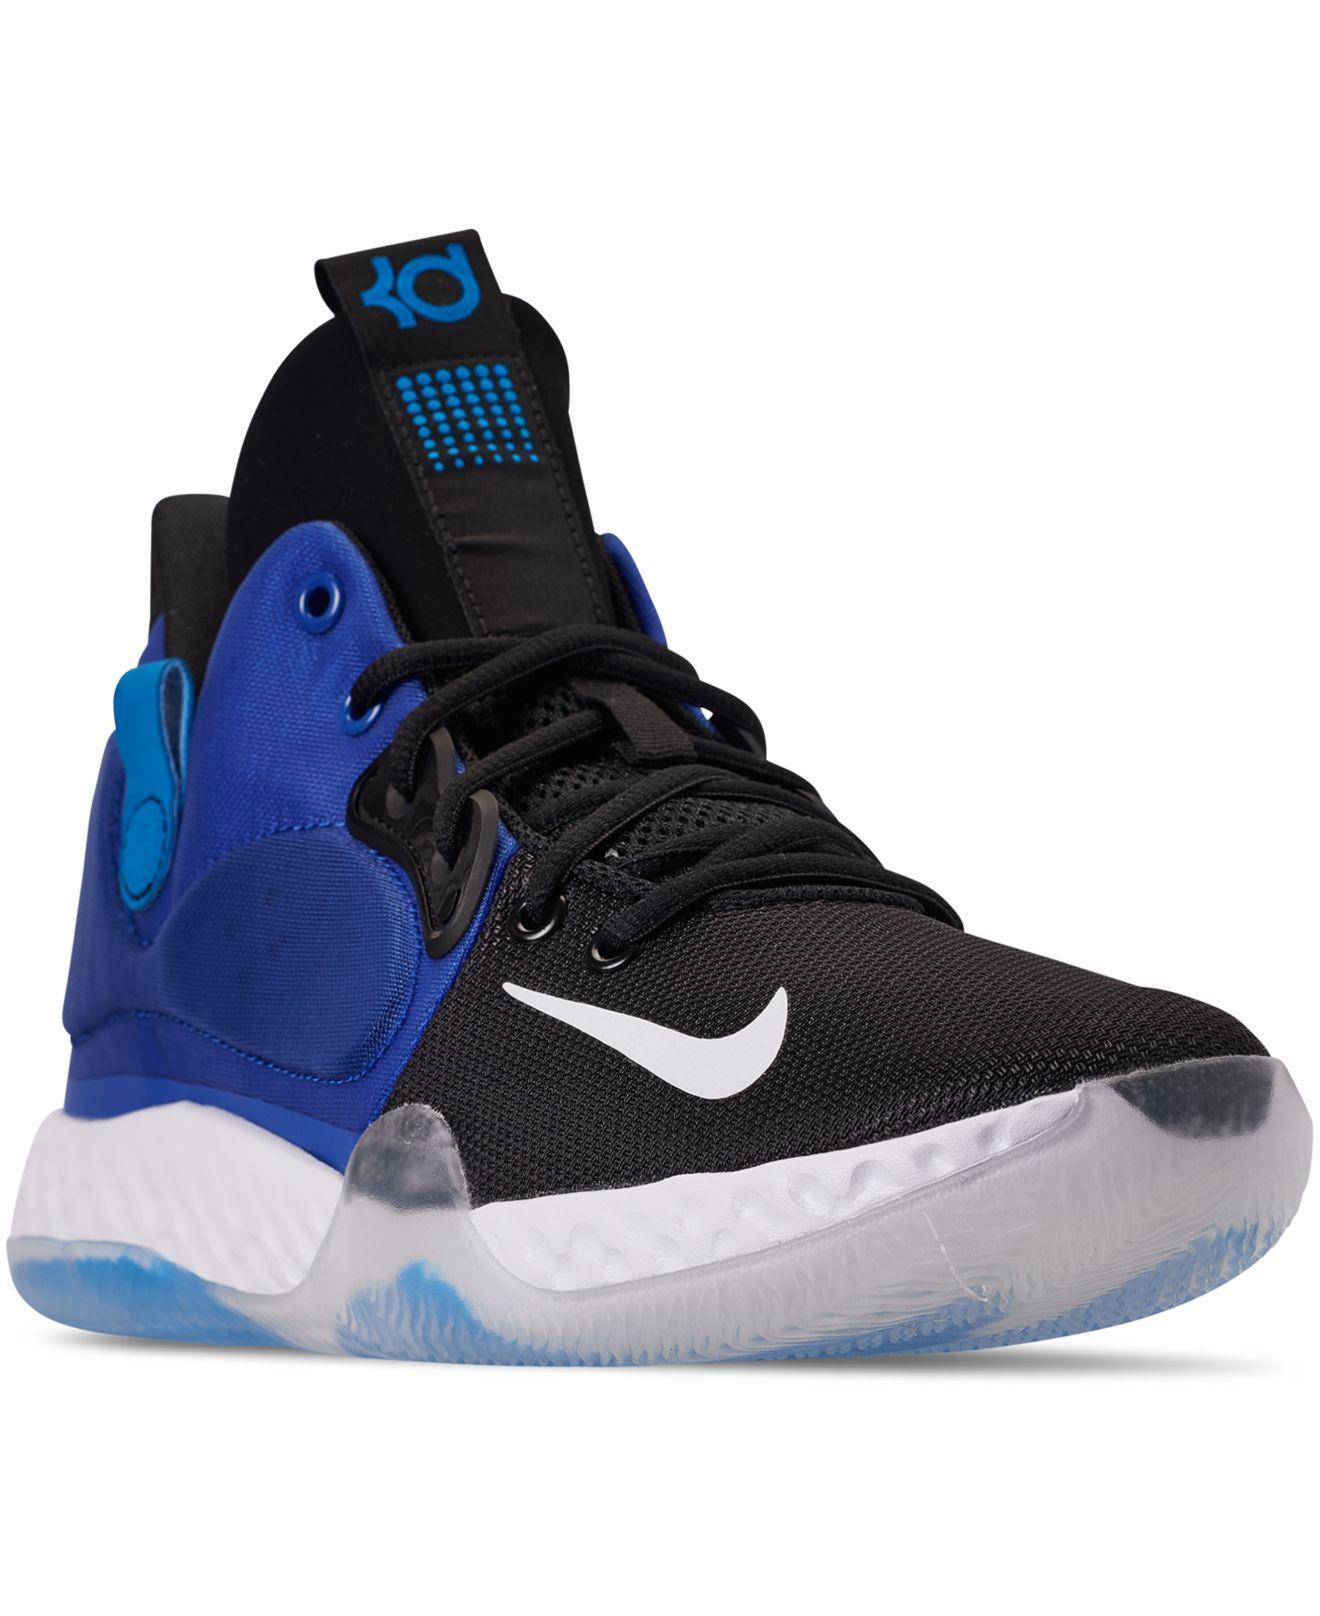 hot sales d01cd 348c1 Men's Blue Kd Trey 5 Vii